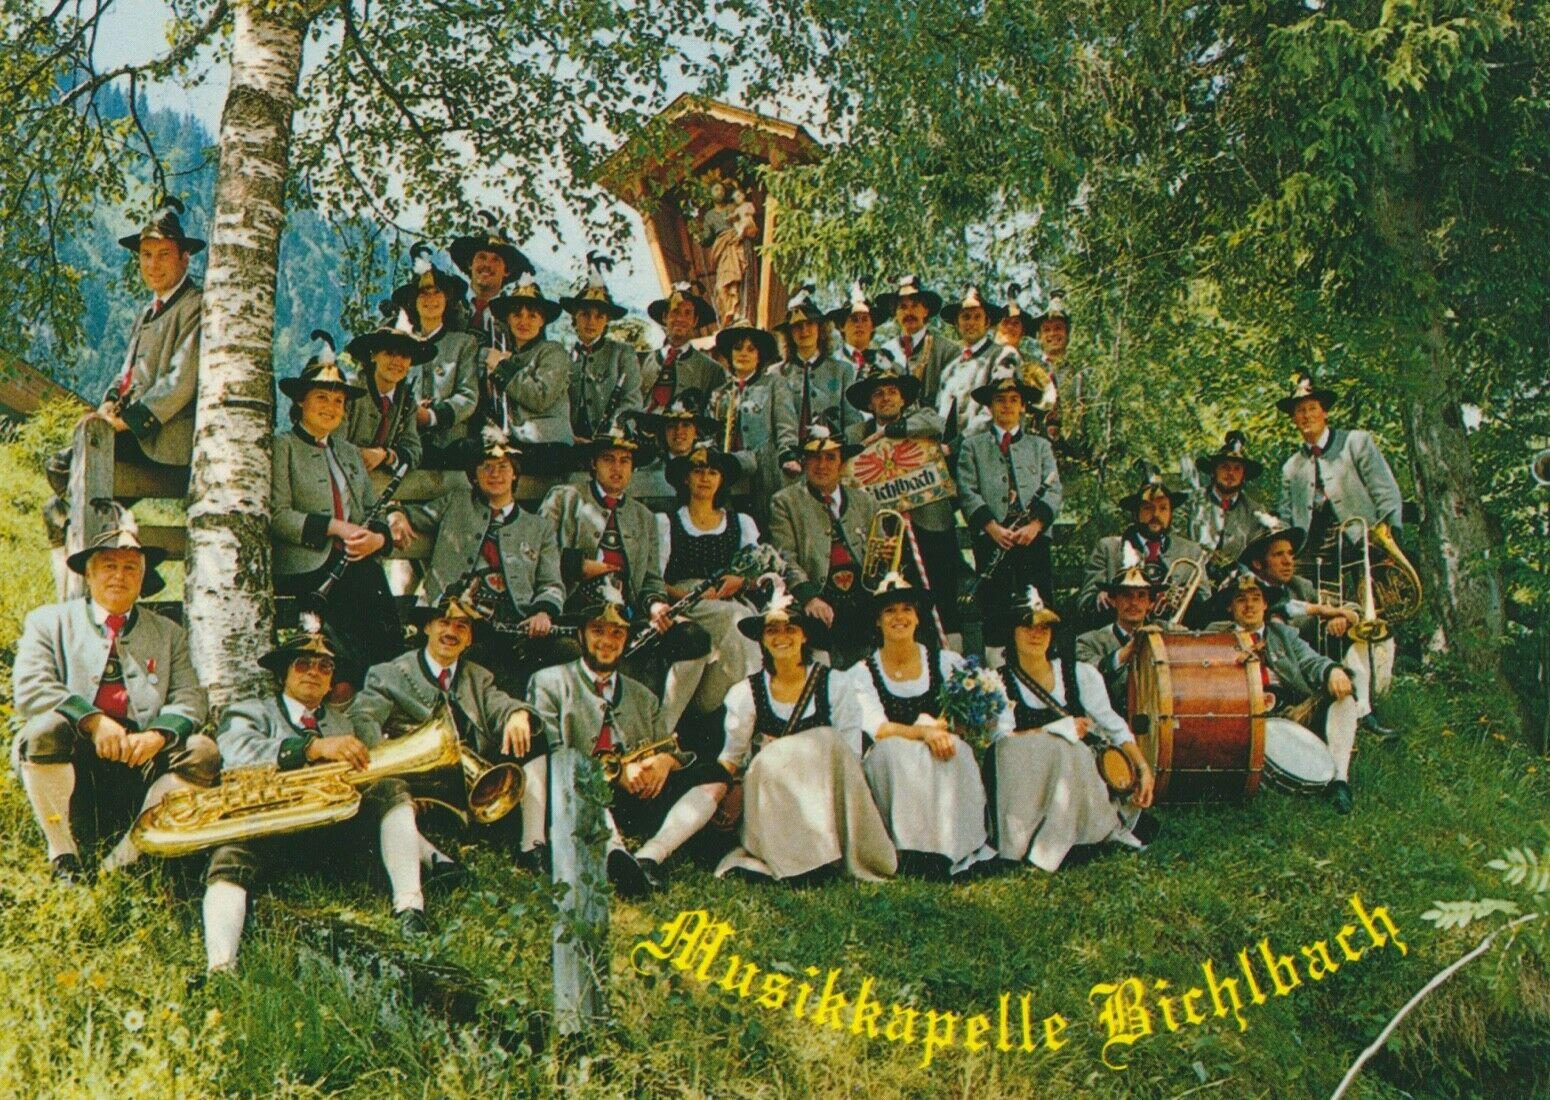 die Musikkapelle Bichlbach in der Aufstellung von 1983